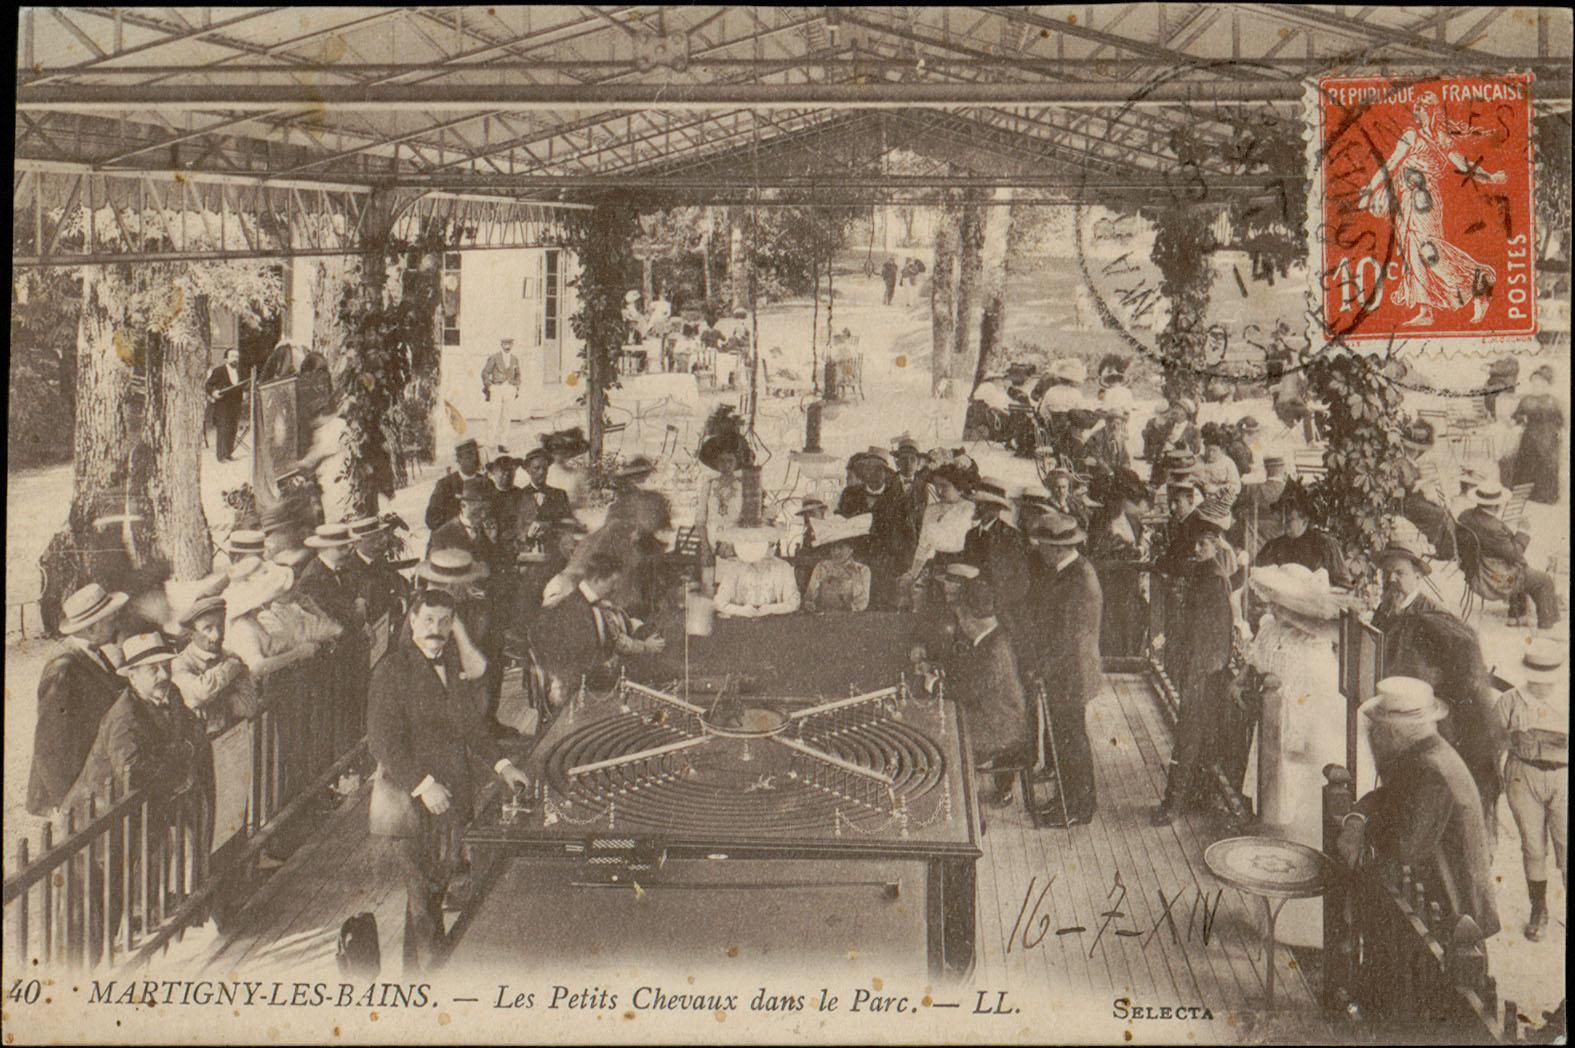 Contenu du Martigny-les-Bains, Les Petits Chevaux dans le Parc